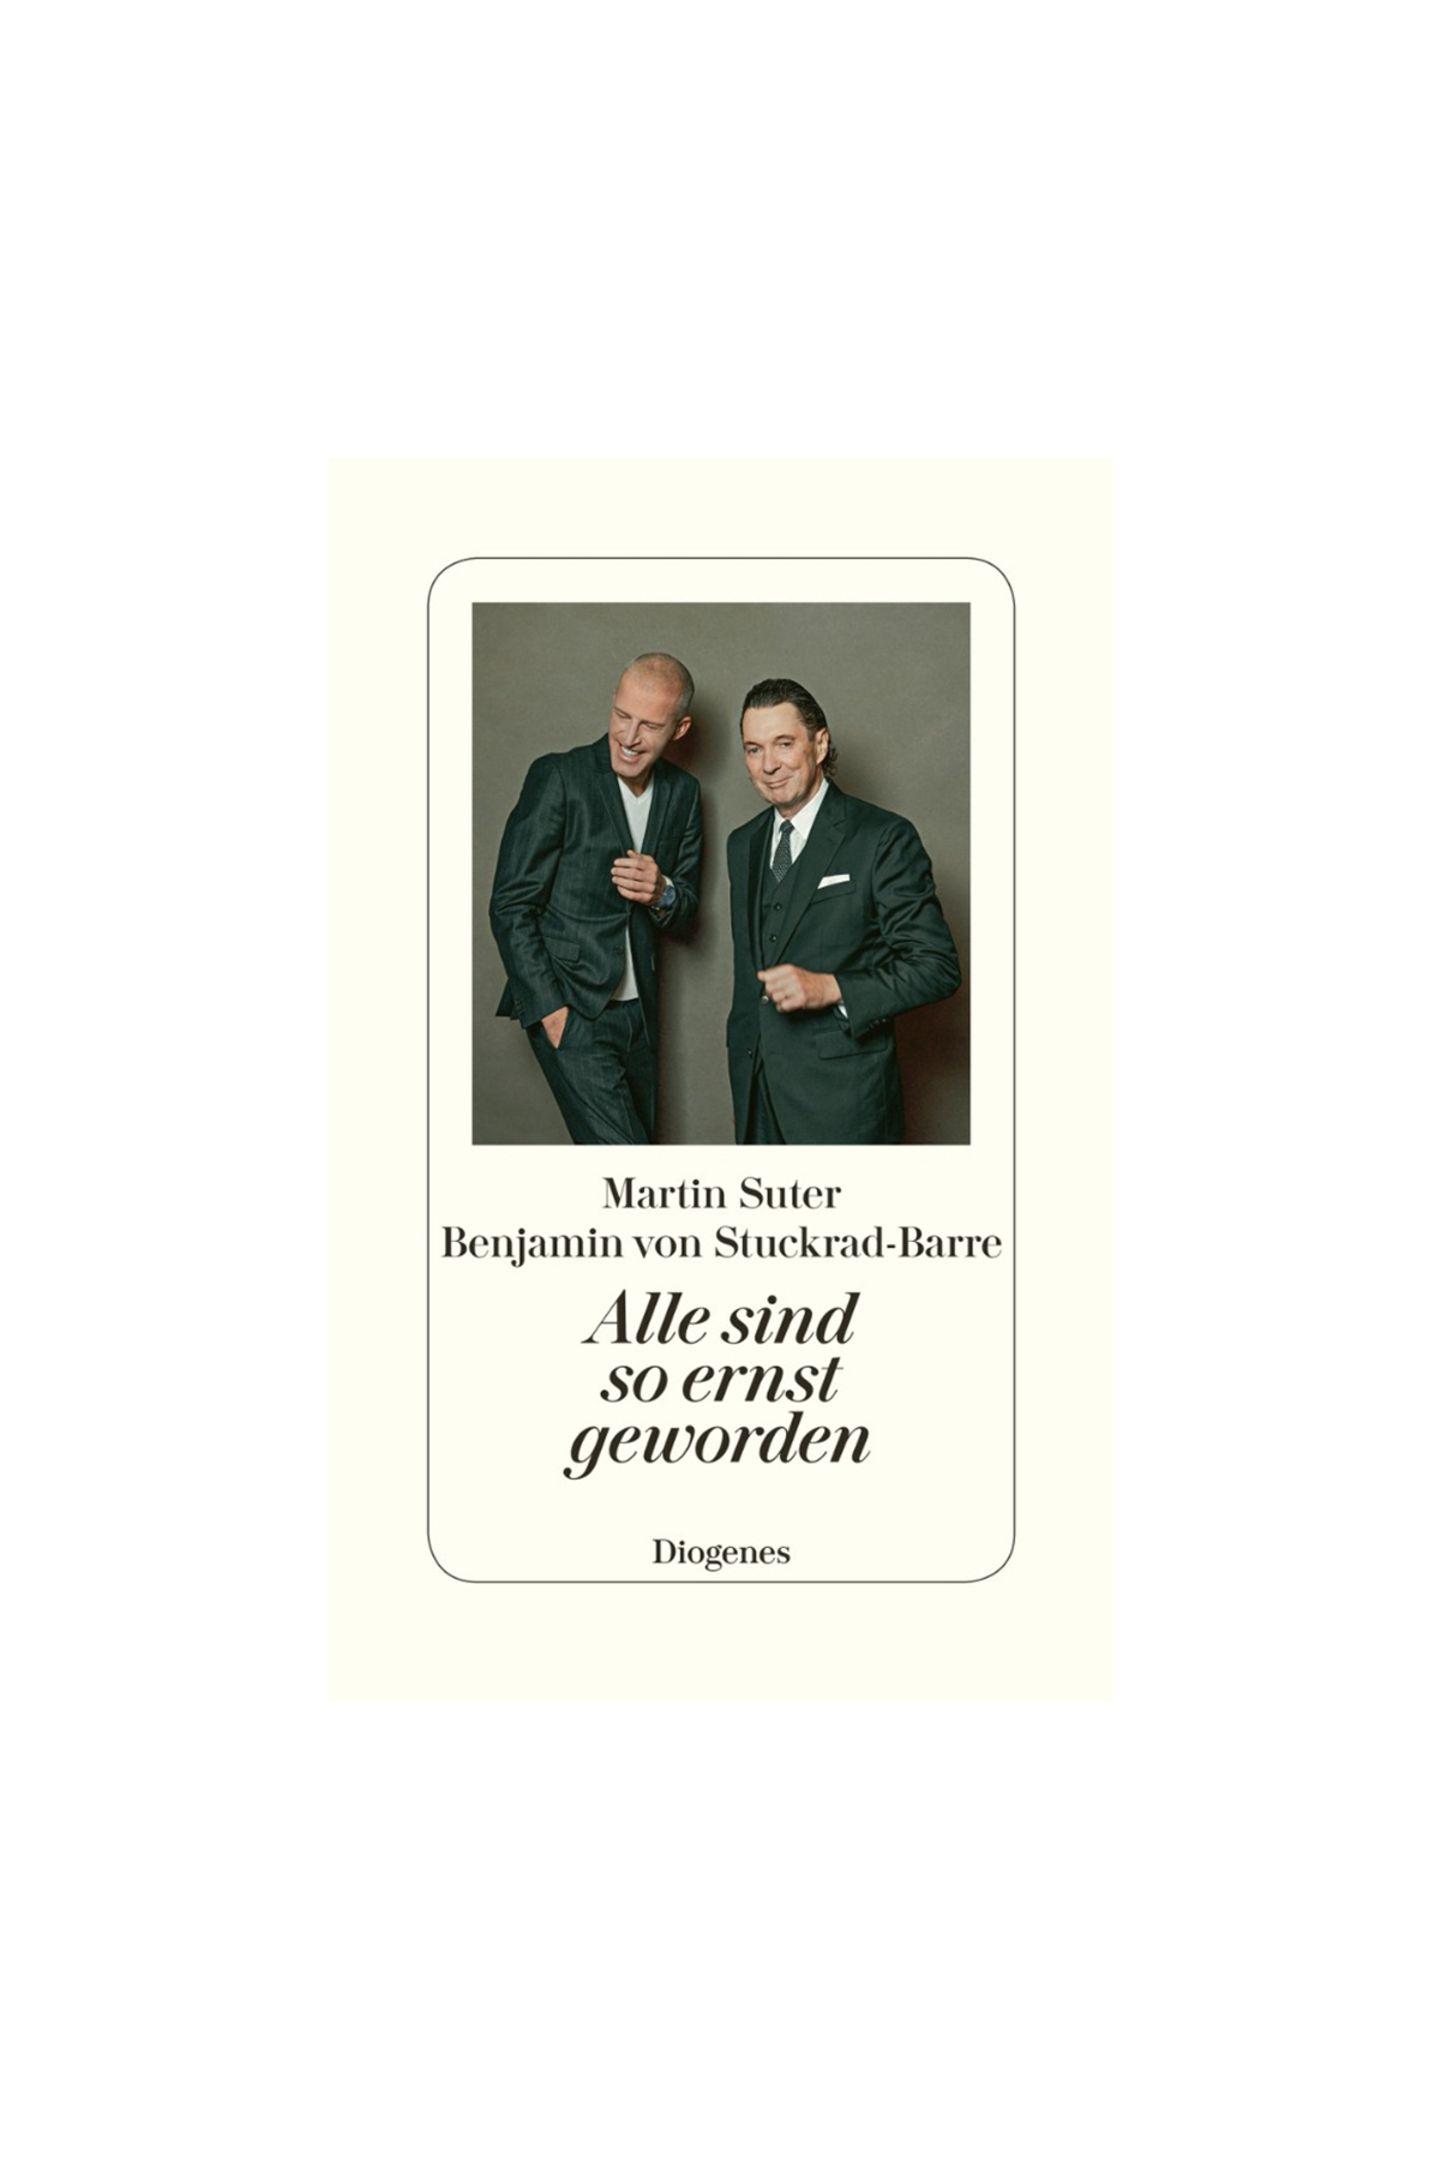 """Stucki is back!Zwei grandiose Schriftsteller, die sämtliche Themen von Badehosen, LSD, Madonna, Verliebtheit und Kochen bis hin zu Rechnungen und Arbeit locker-flockig diskutieren. Perfekt, um einfach mal abzuschalten! """"Alle sind so ernst geworden"""" von Benjamin von Stuckrad-Barre und Martin Suter, ca. 22 Euro (erschienen bei Diogenes)"""